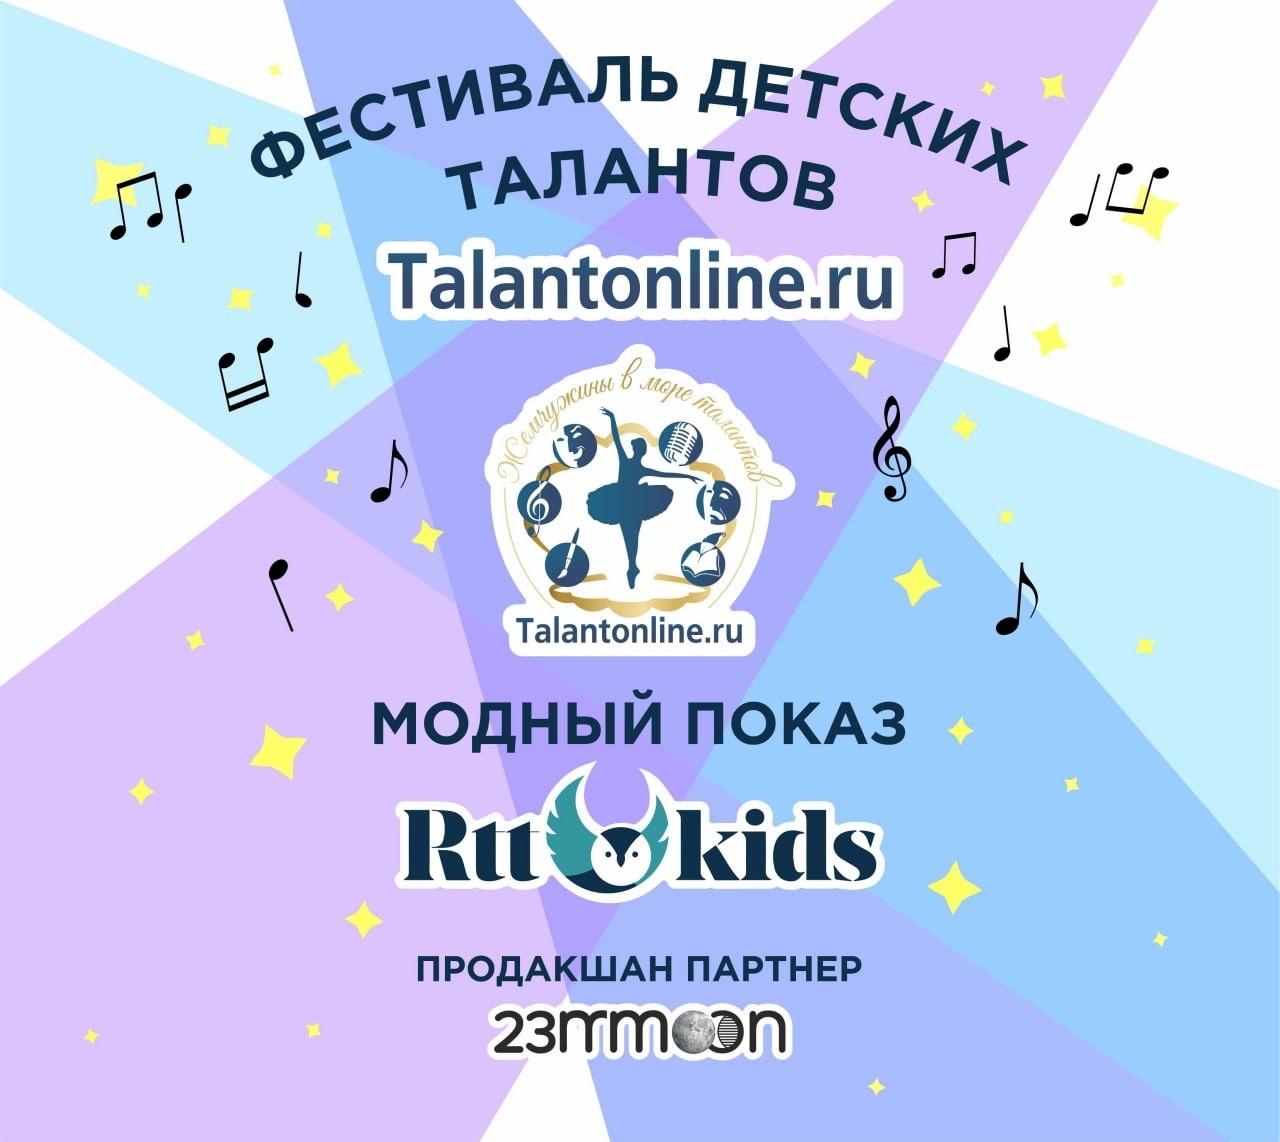 Состоялся первый детский Фестиваль  talantonline